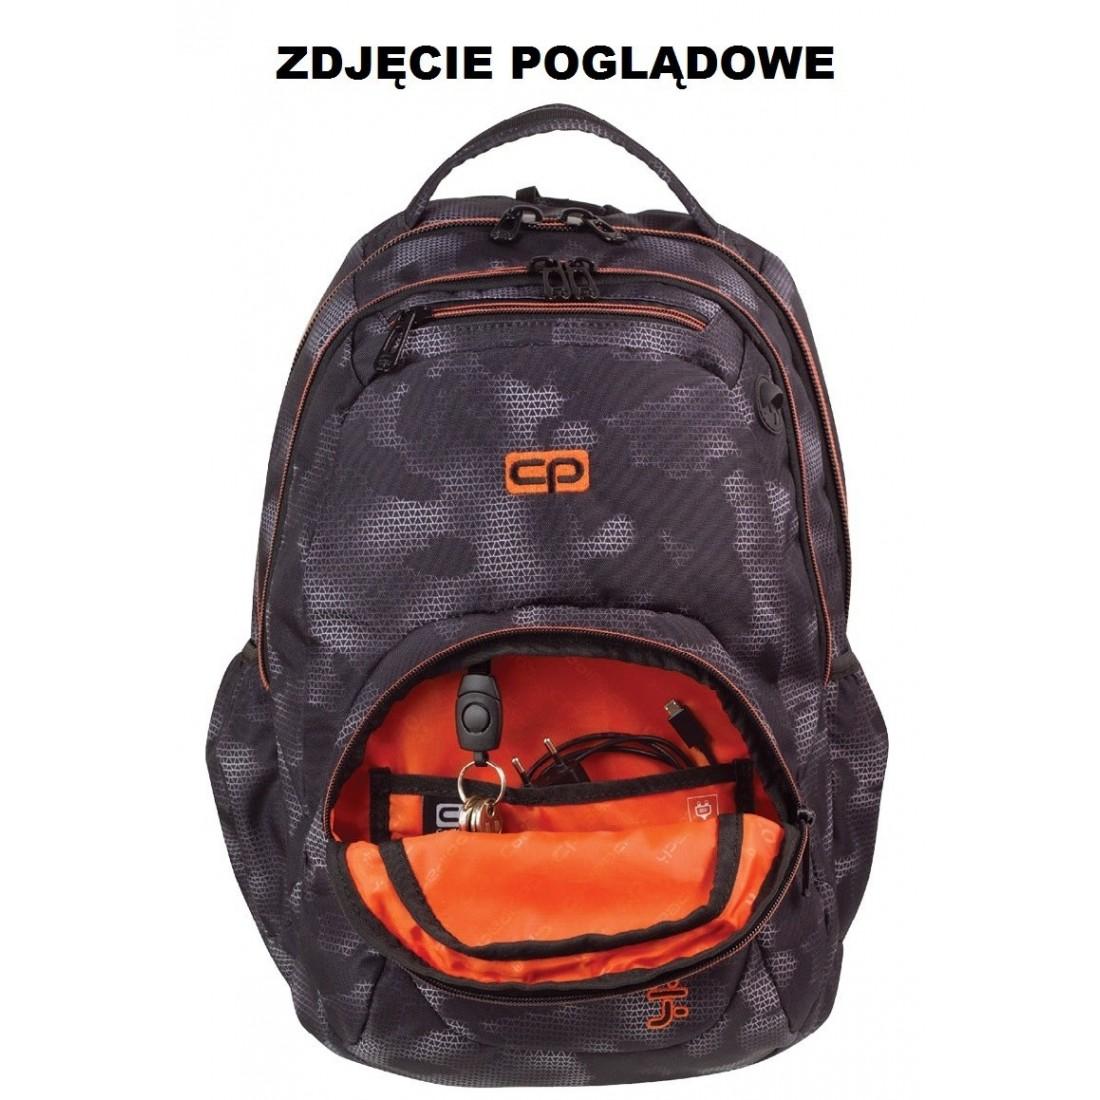 209885a7b2ac0 ... Plecak młodzieżowy CoolPack CP SMASH PLUMES 962 w kolorowe piórka